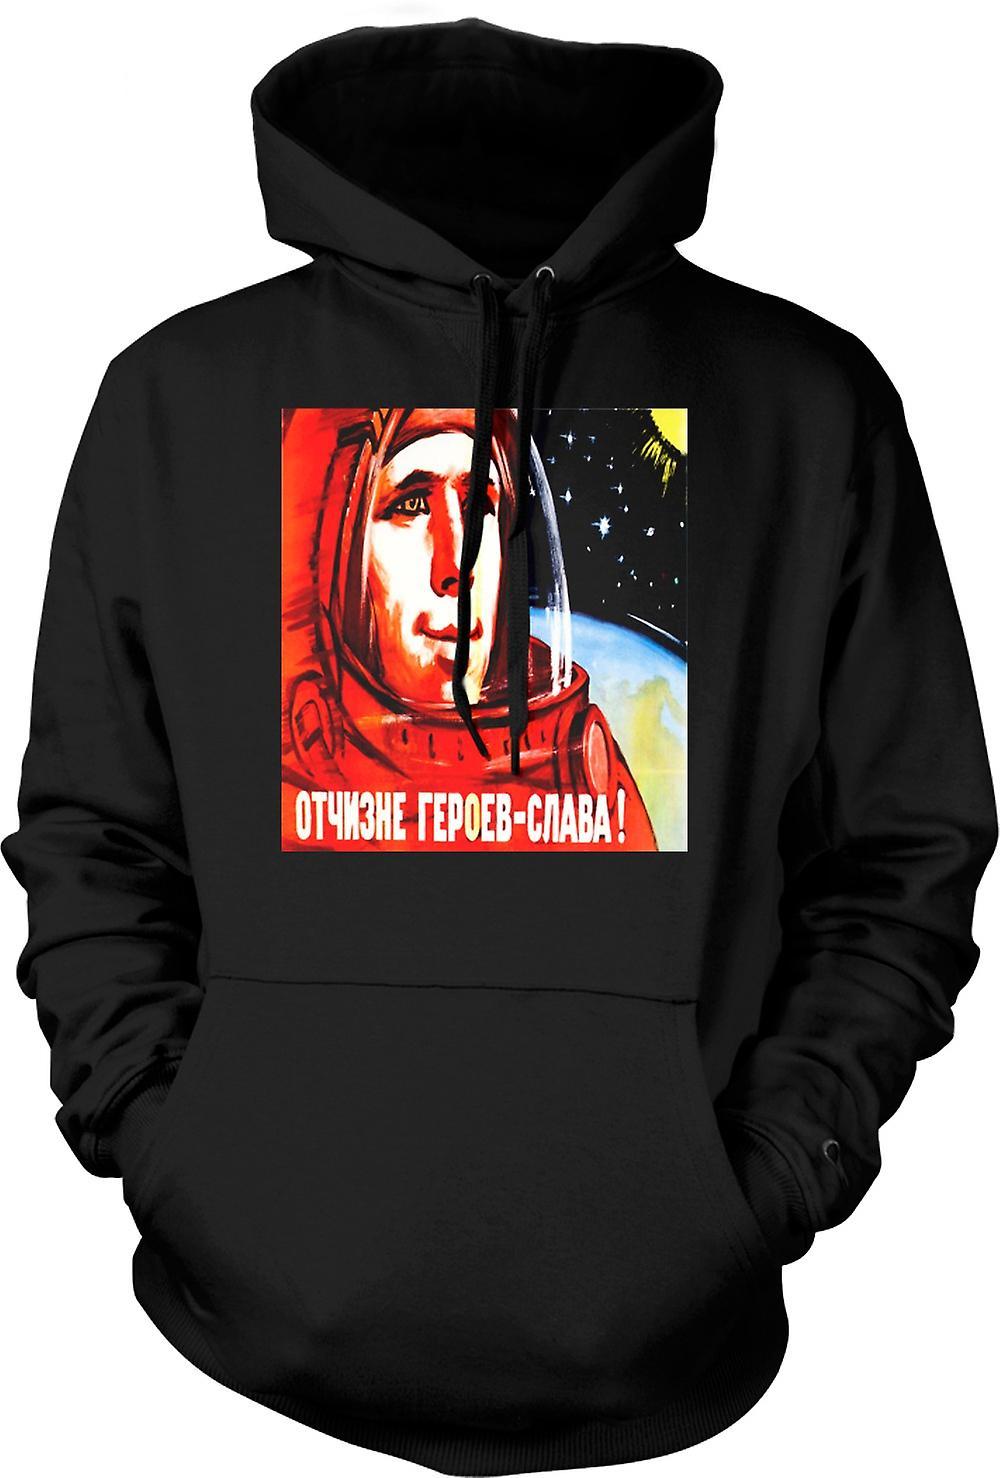 Mens Hoodie - Yuri Gagarin - Russisch ruimtevaarder